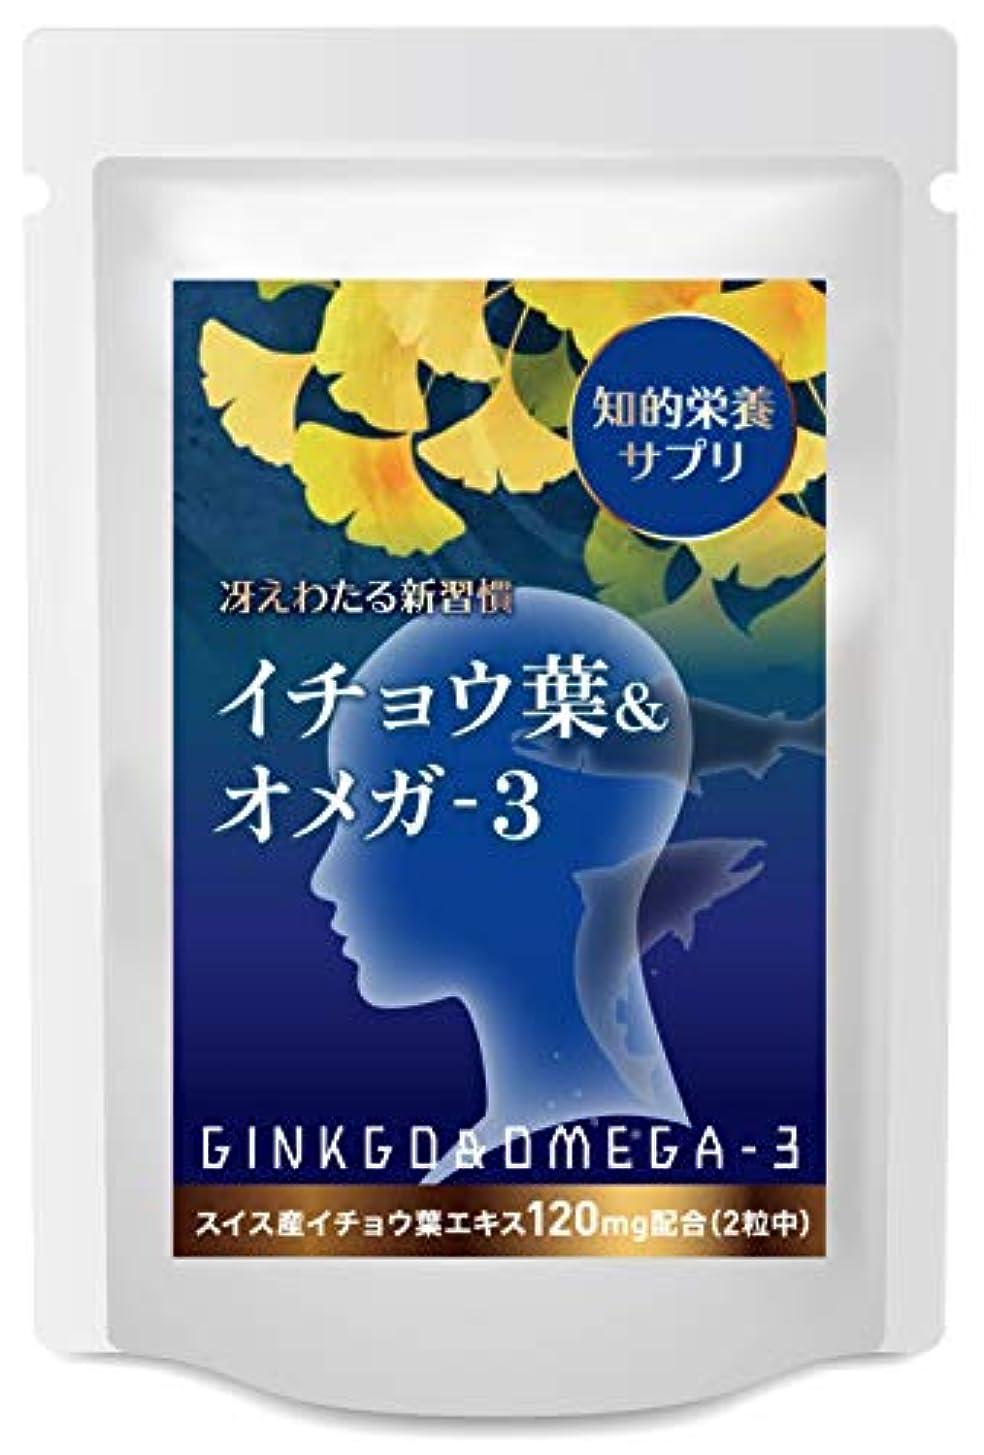 購入項目証明書イチョウ葉 オメガ3 スイス産 イチョウ葉エキス 120mg 冴えわたる新習慣 知的栄養 サプリ 60粒 30日分